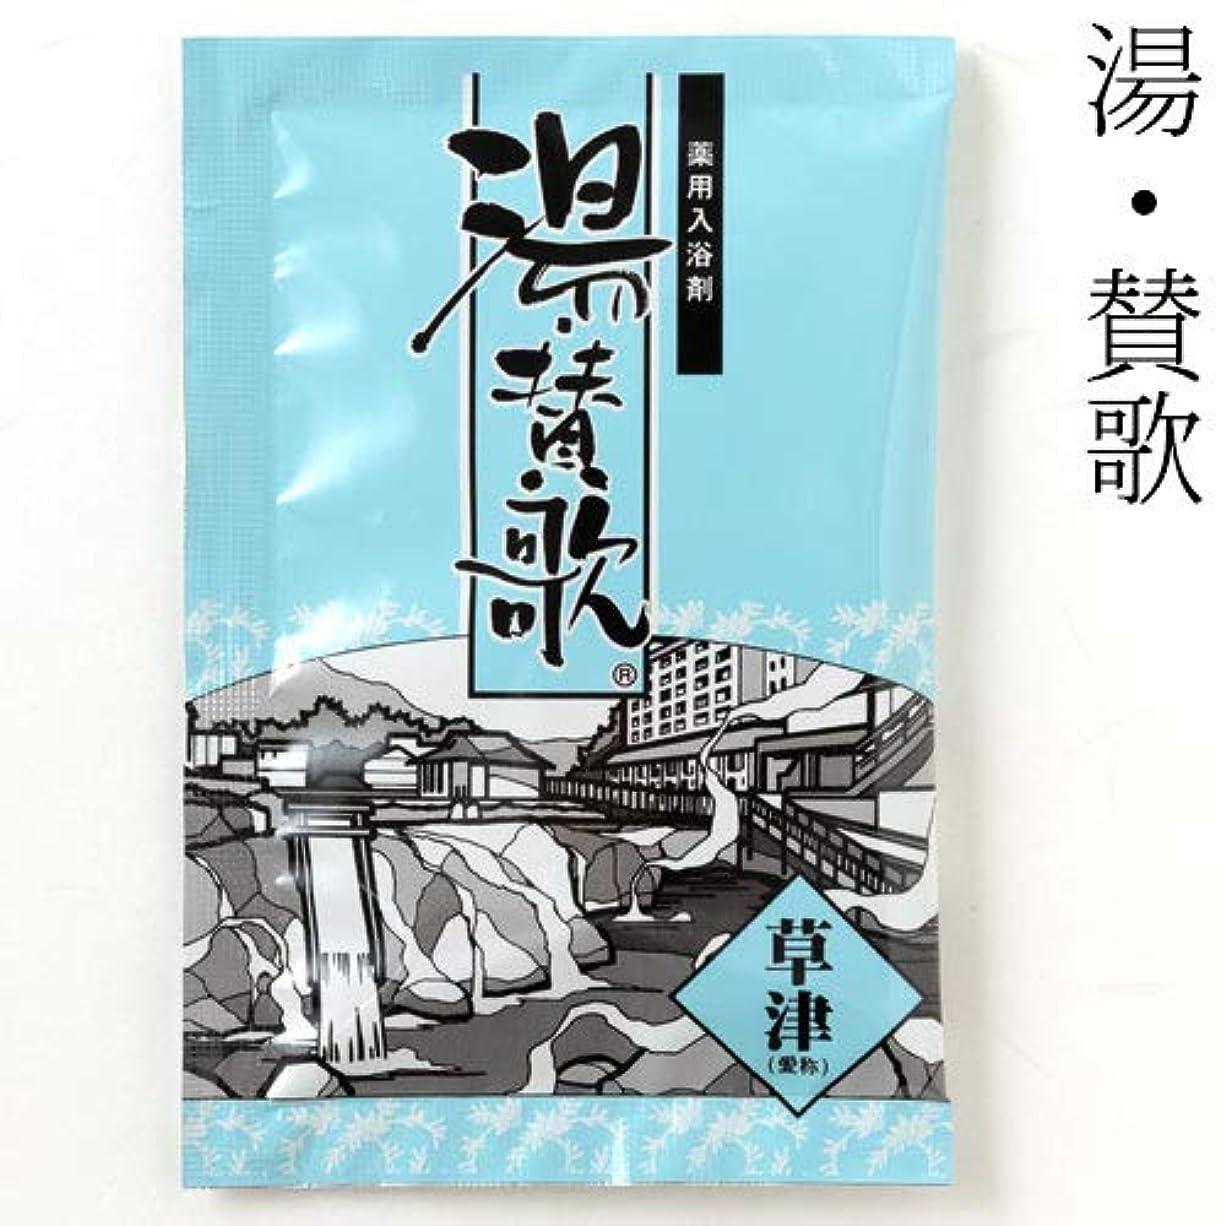 九時四十五分豆吸収入浴剤湯?賛歌草津1包石川県のお風呂グッズBath additive, Ishikawa craft